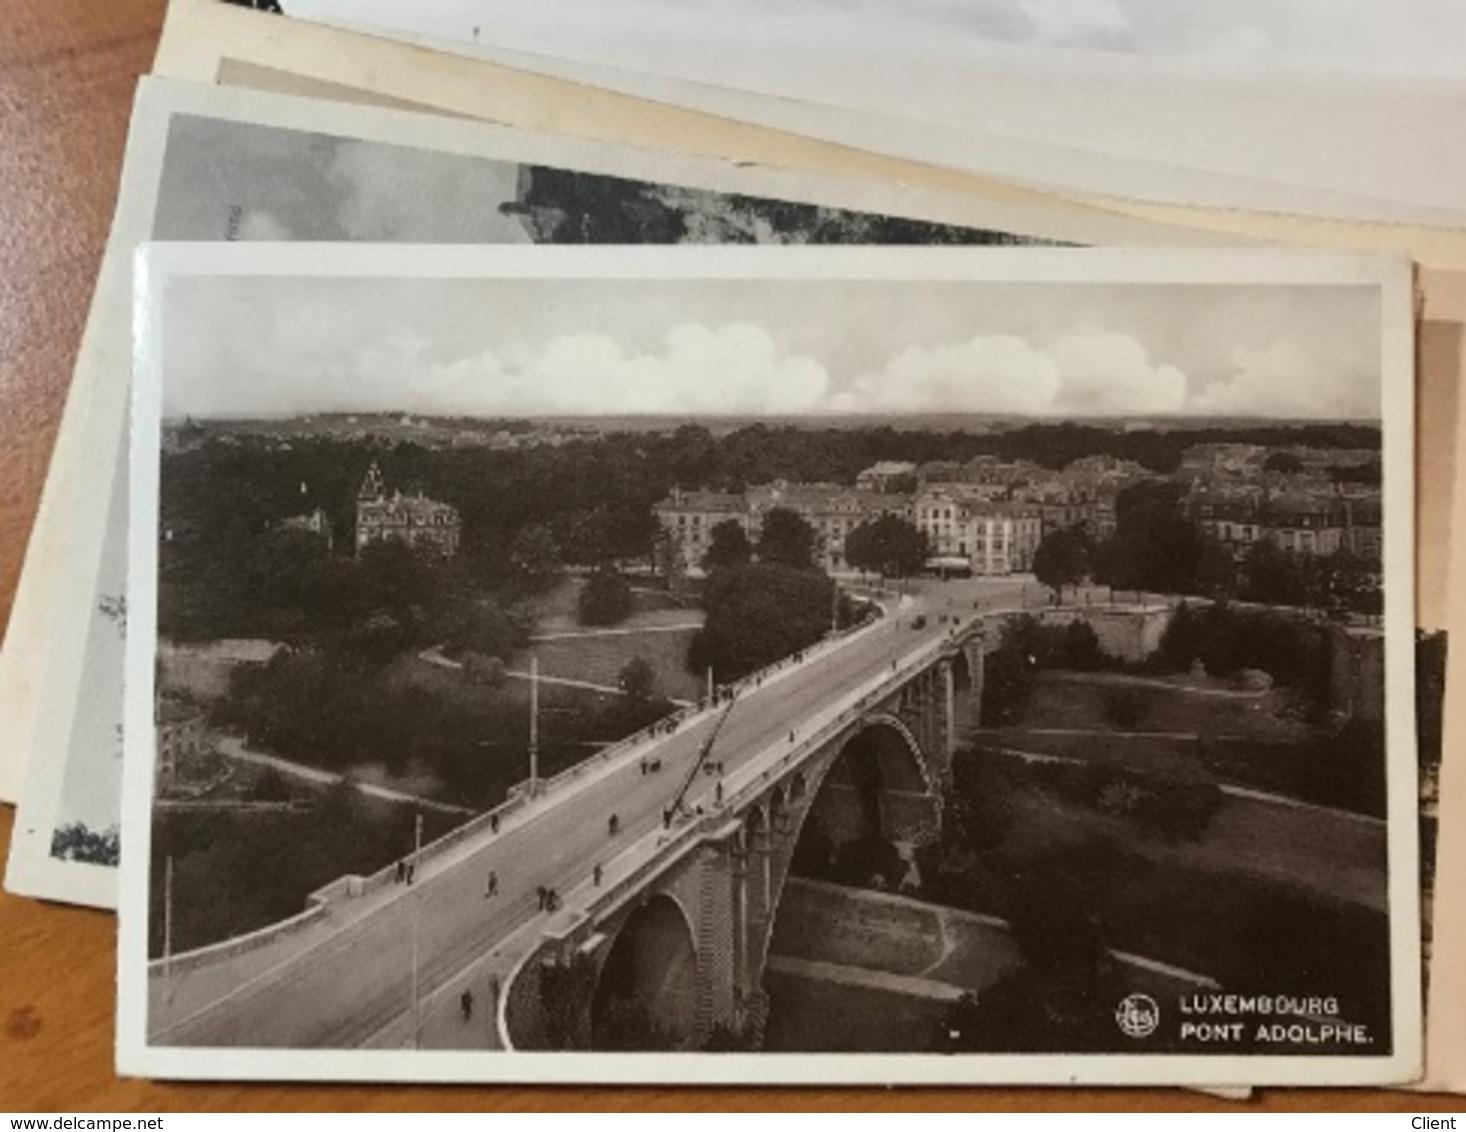 LUXEMBOURG - 100 Cartes Postales Ville De Luxembourg Années Divers - Cartes Postales